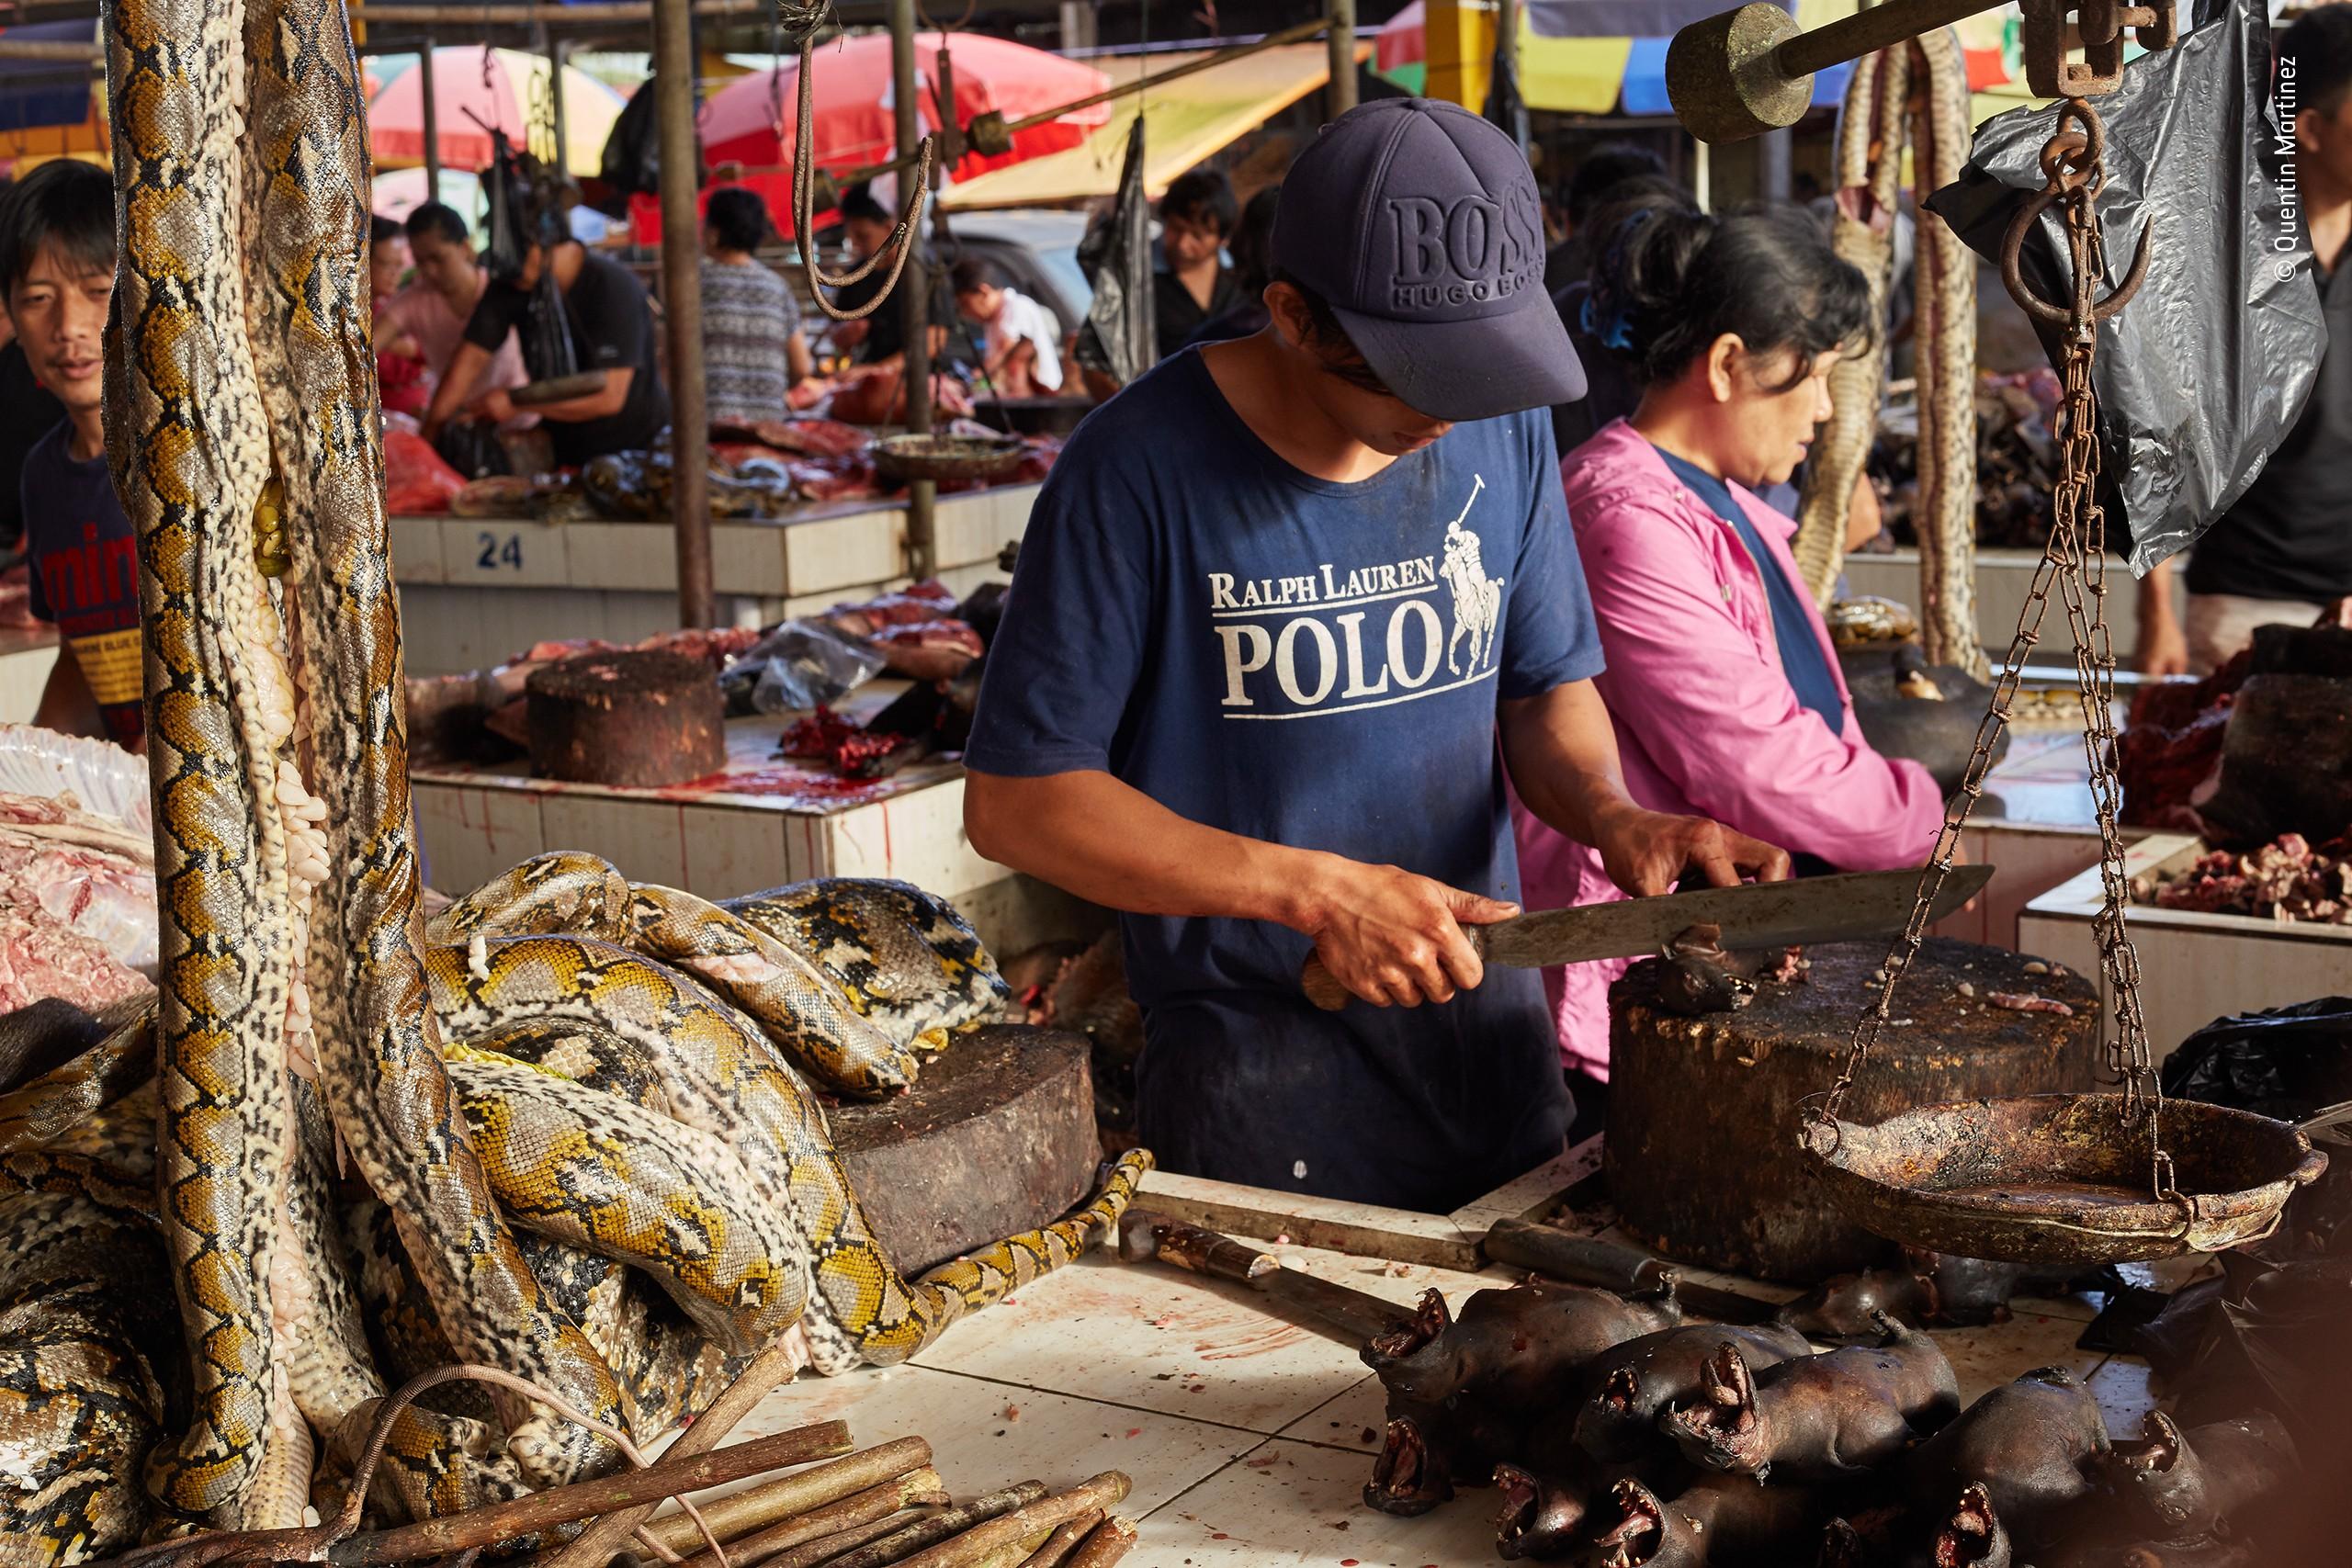 «Дикая природа в жанре фотожурналистики», 2020. «Рискованное занятие». Рыночный торговец разделывает летучих мышей, питонов и крыс в Индонезии. Автор Квентин Мартинес